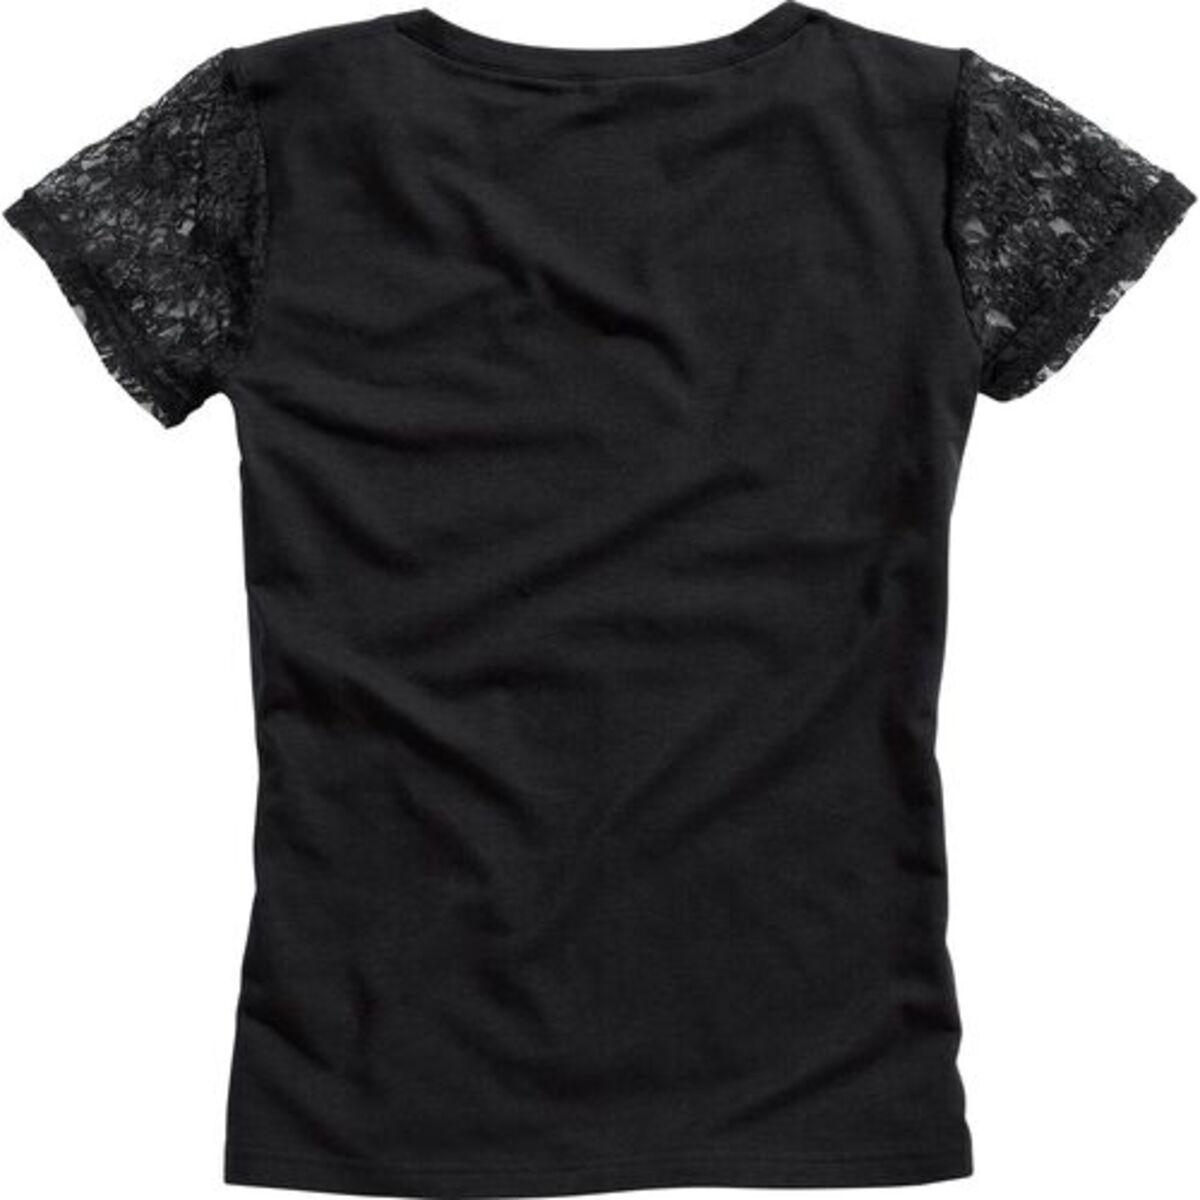 Bild 2 von Spirit Motors            T-Shirt 4.0 schwarz